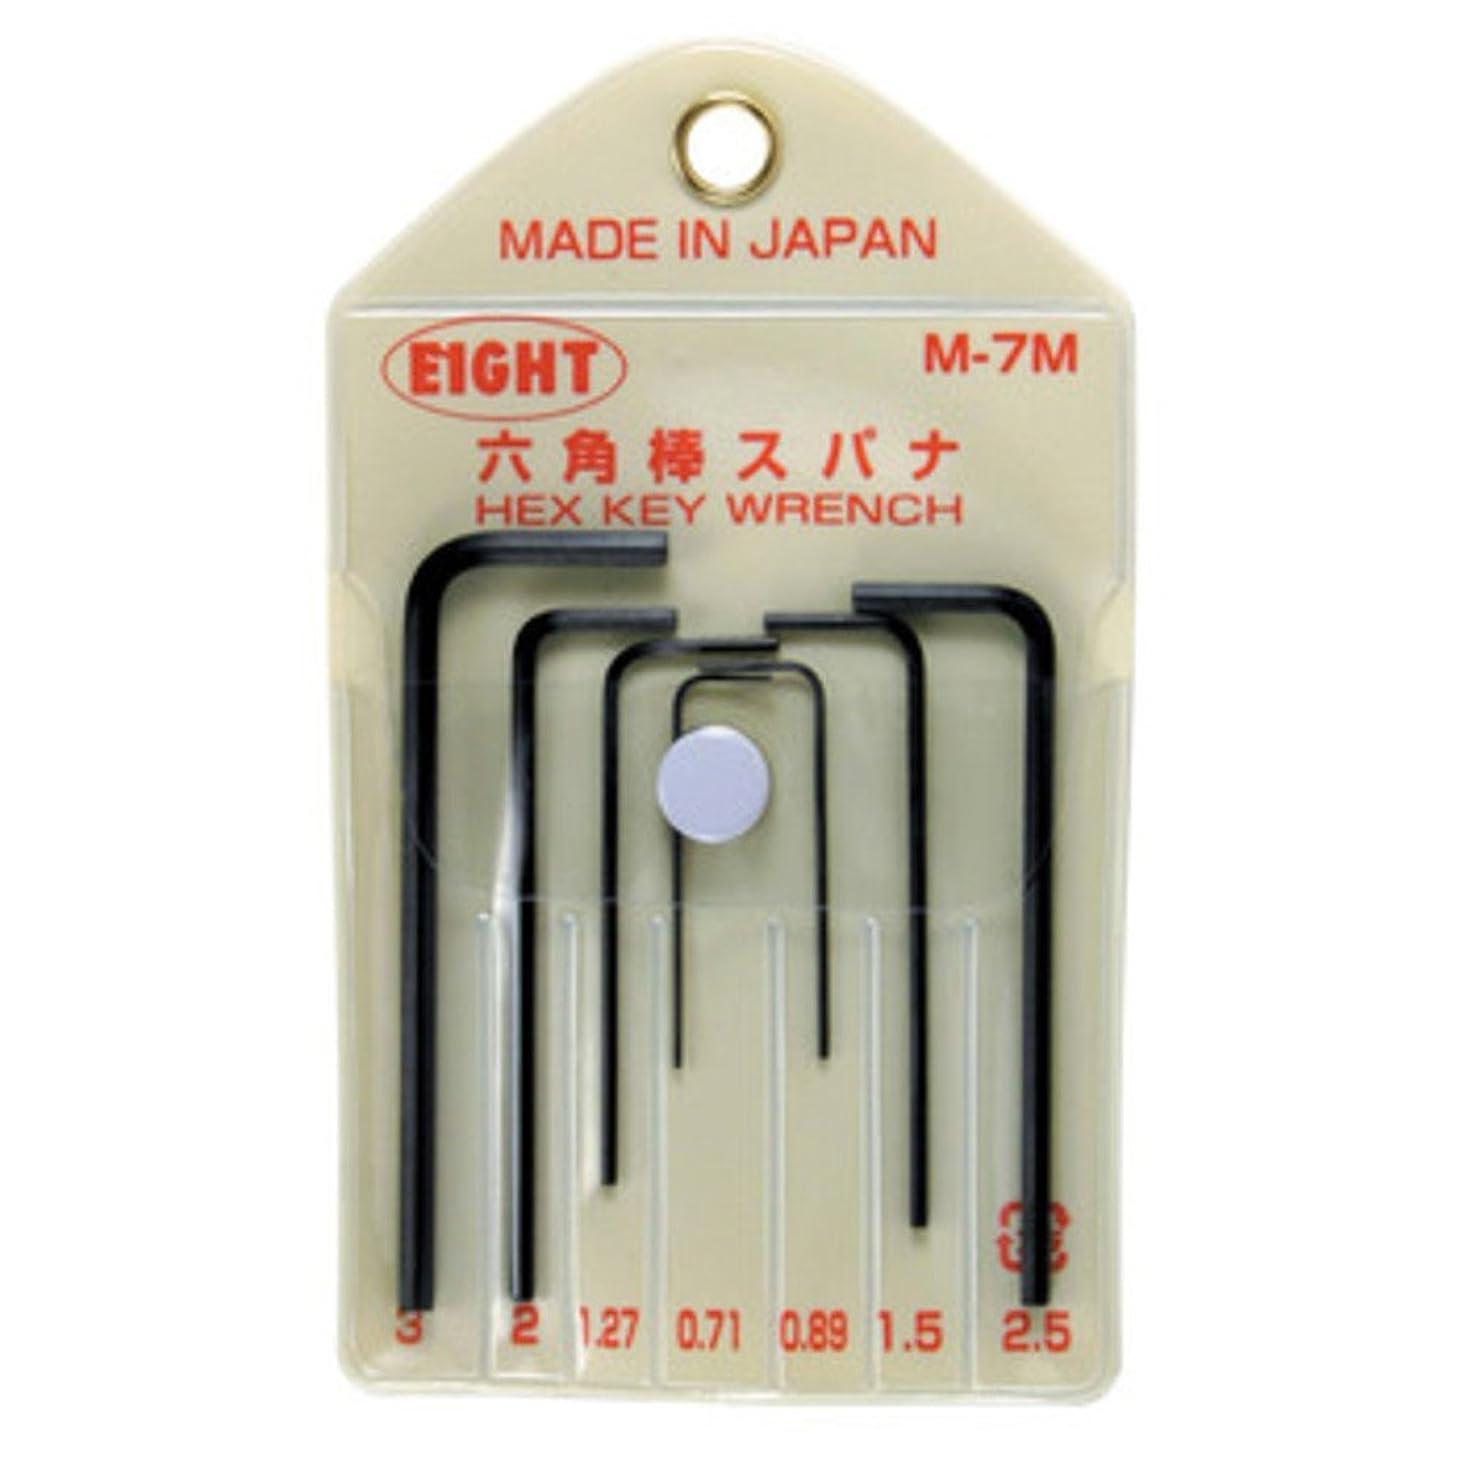 合理的呼び起こすカメエイト 六角棒スパナ マイクロサイズ7本組セット M-7M